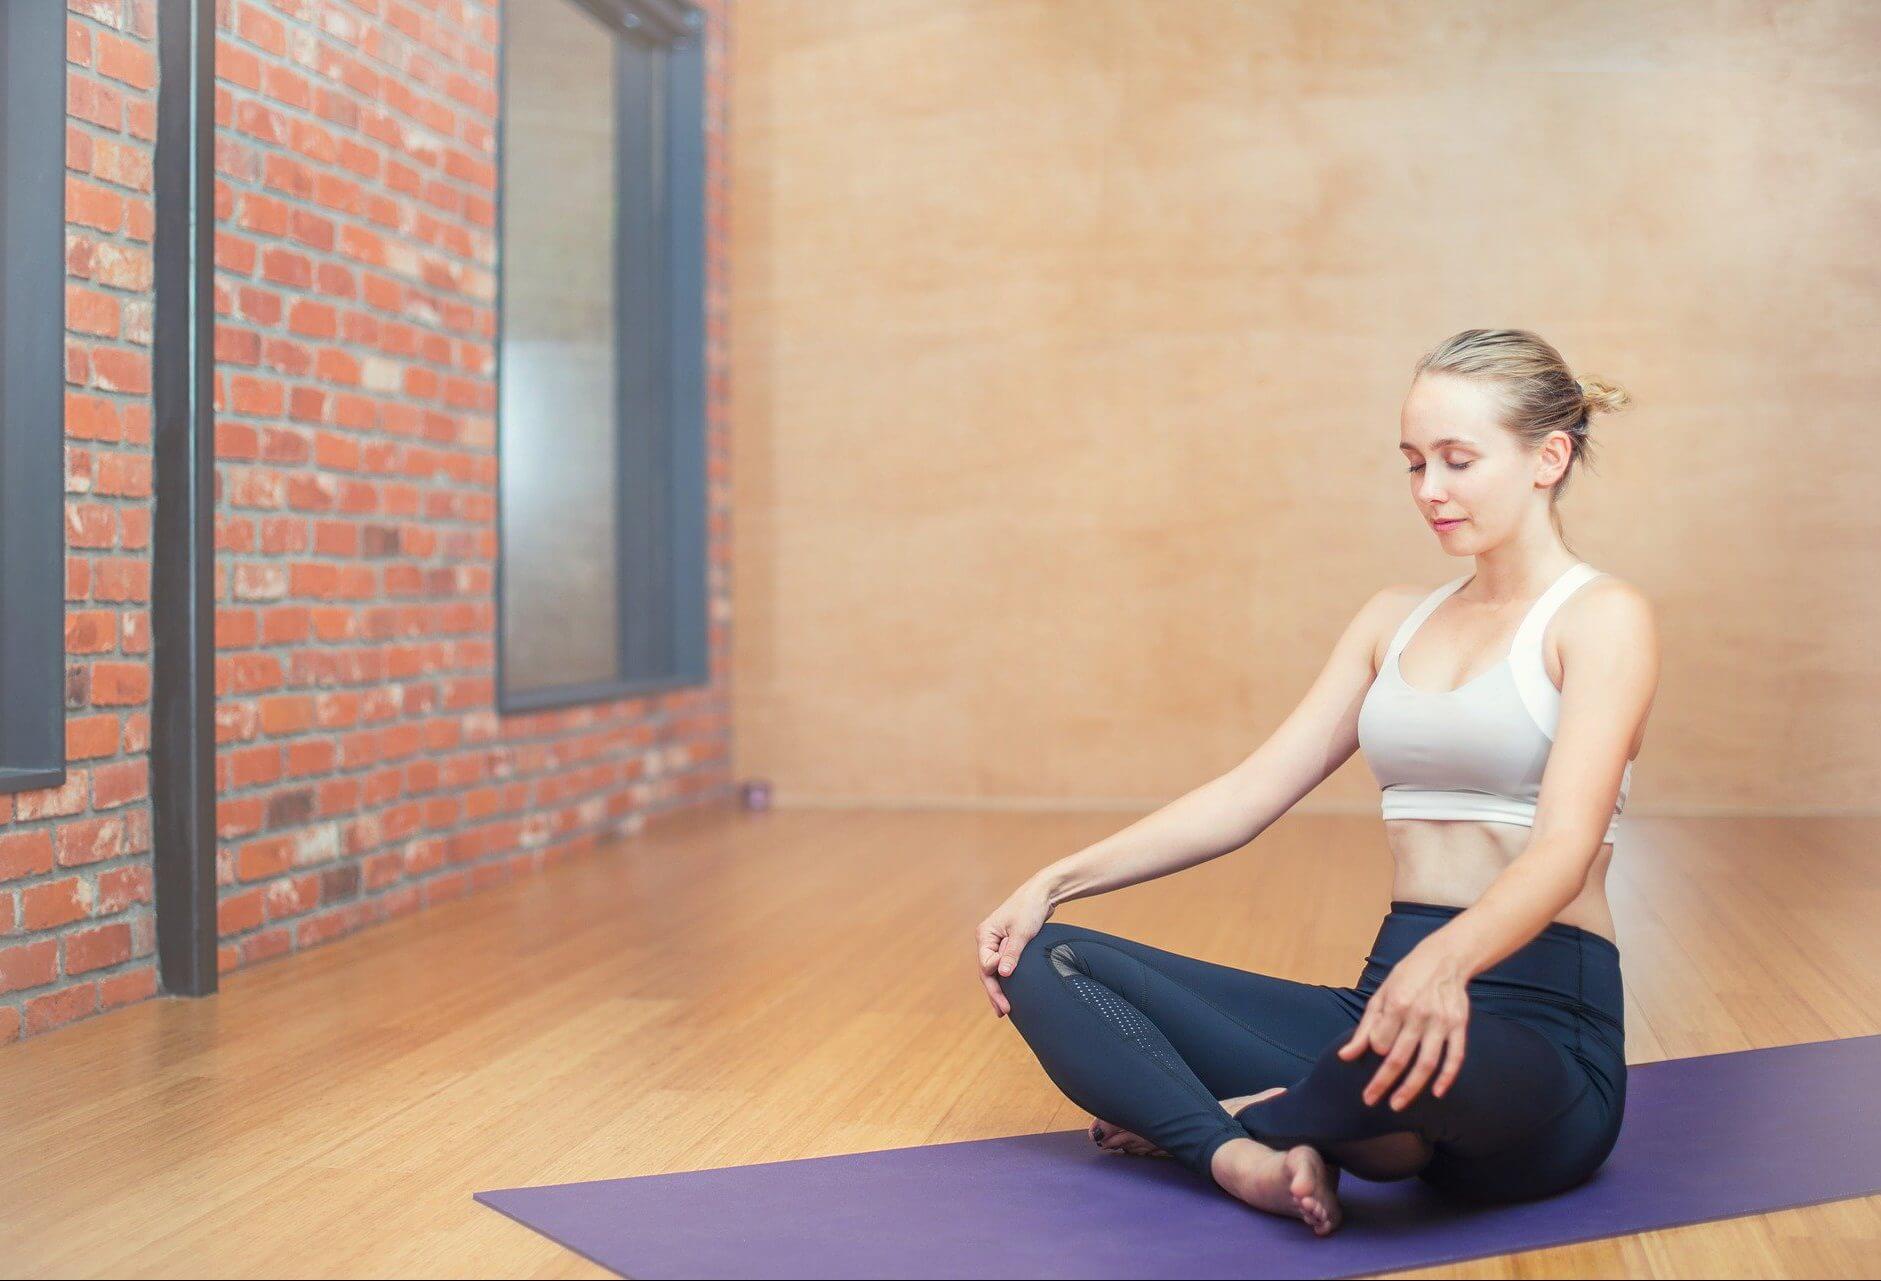 Frau macht Atemtherapie auf einer Gymnastikmatte